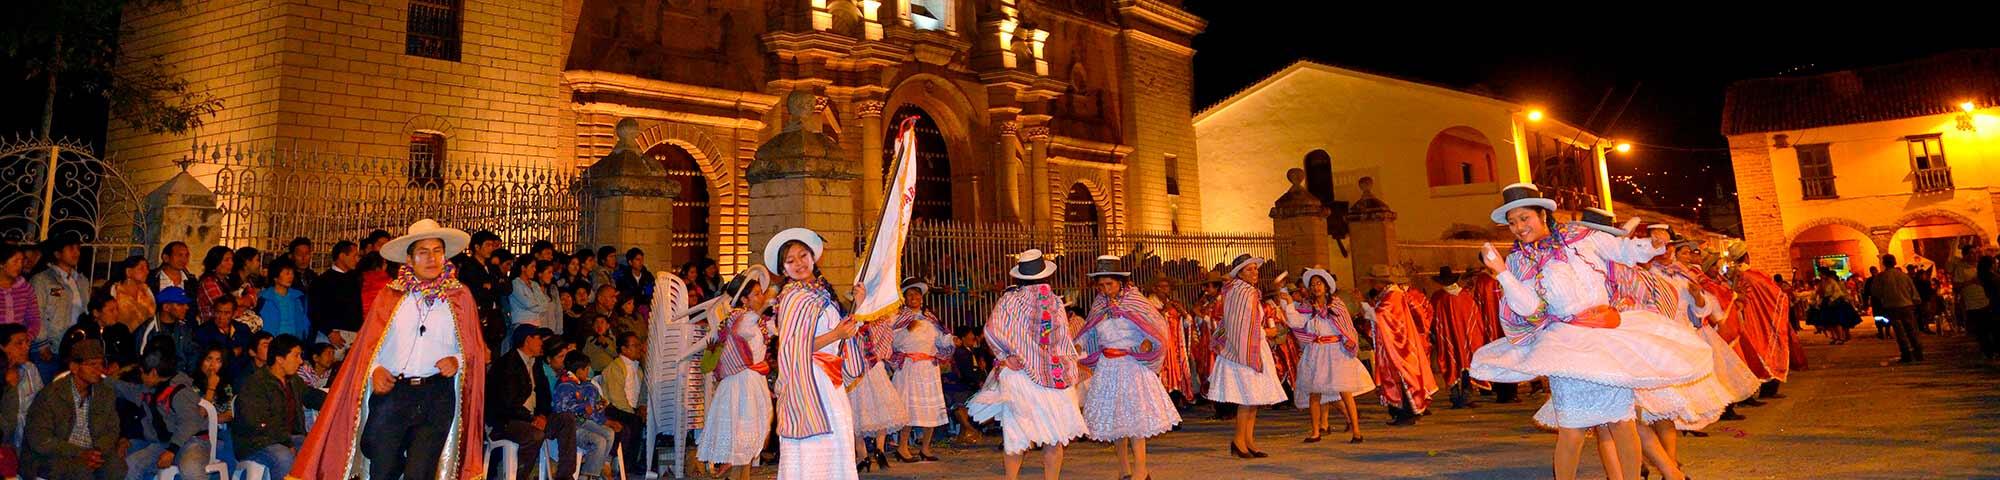 Artesanías Ayacucho